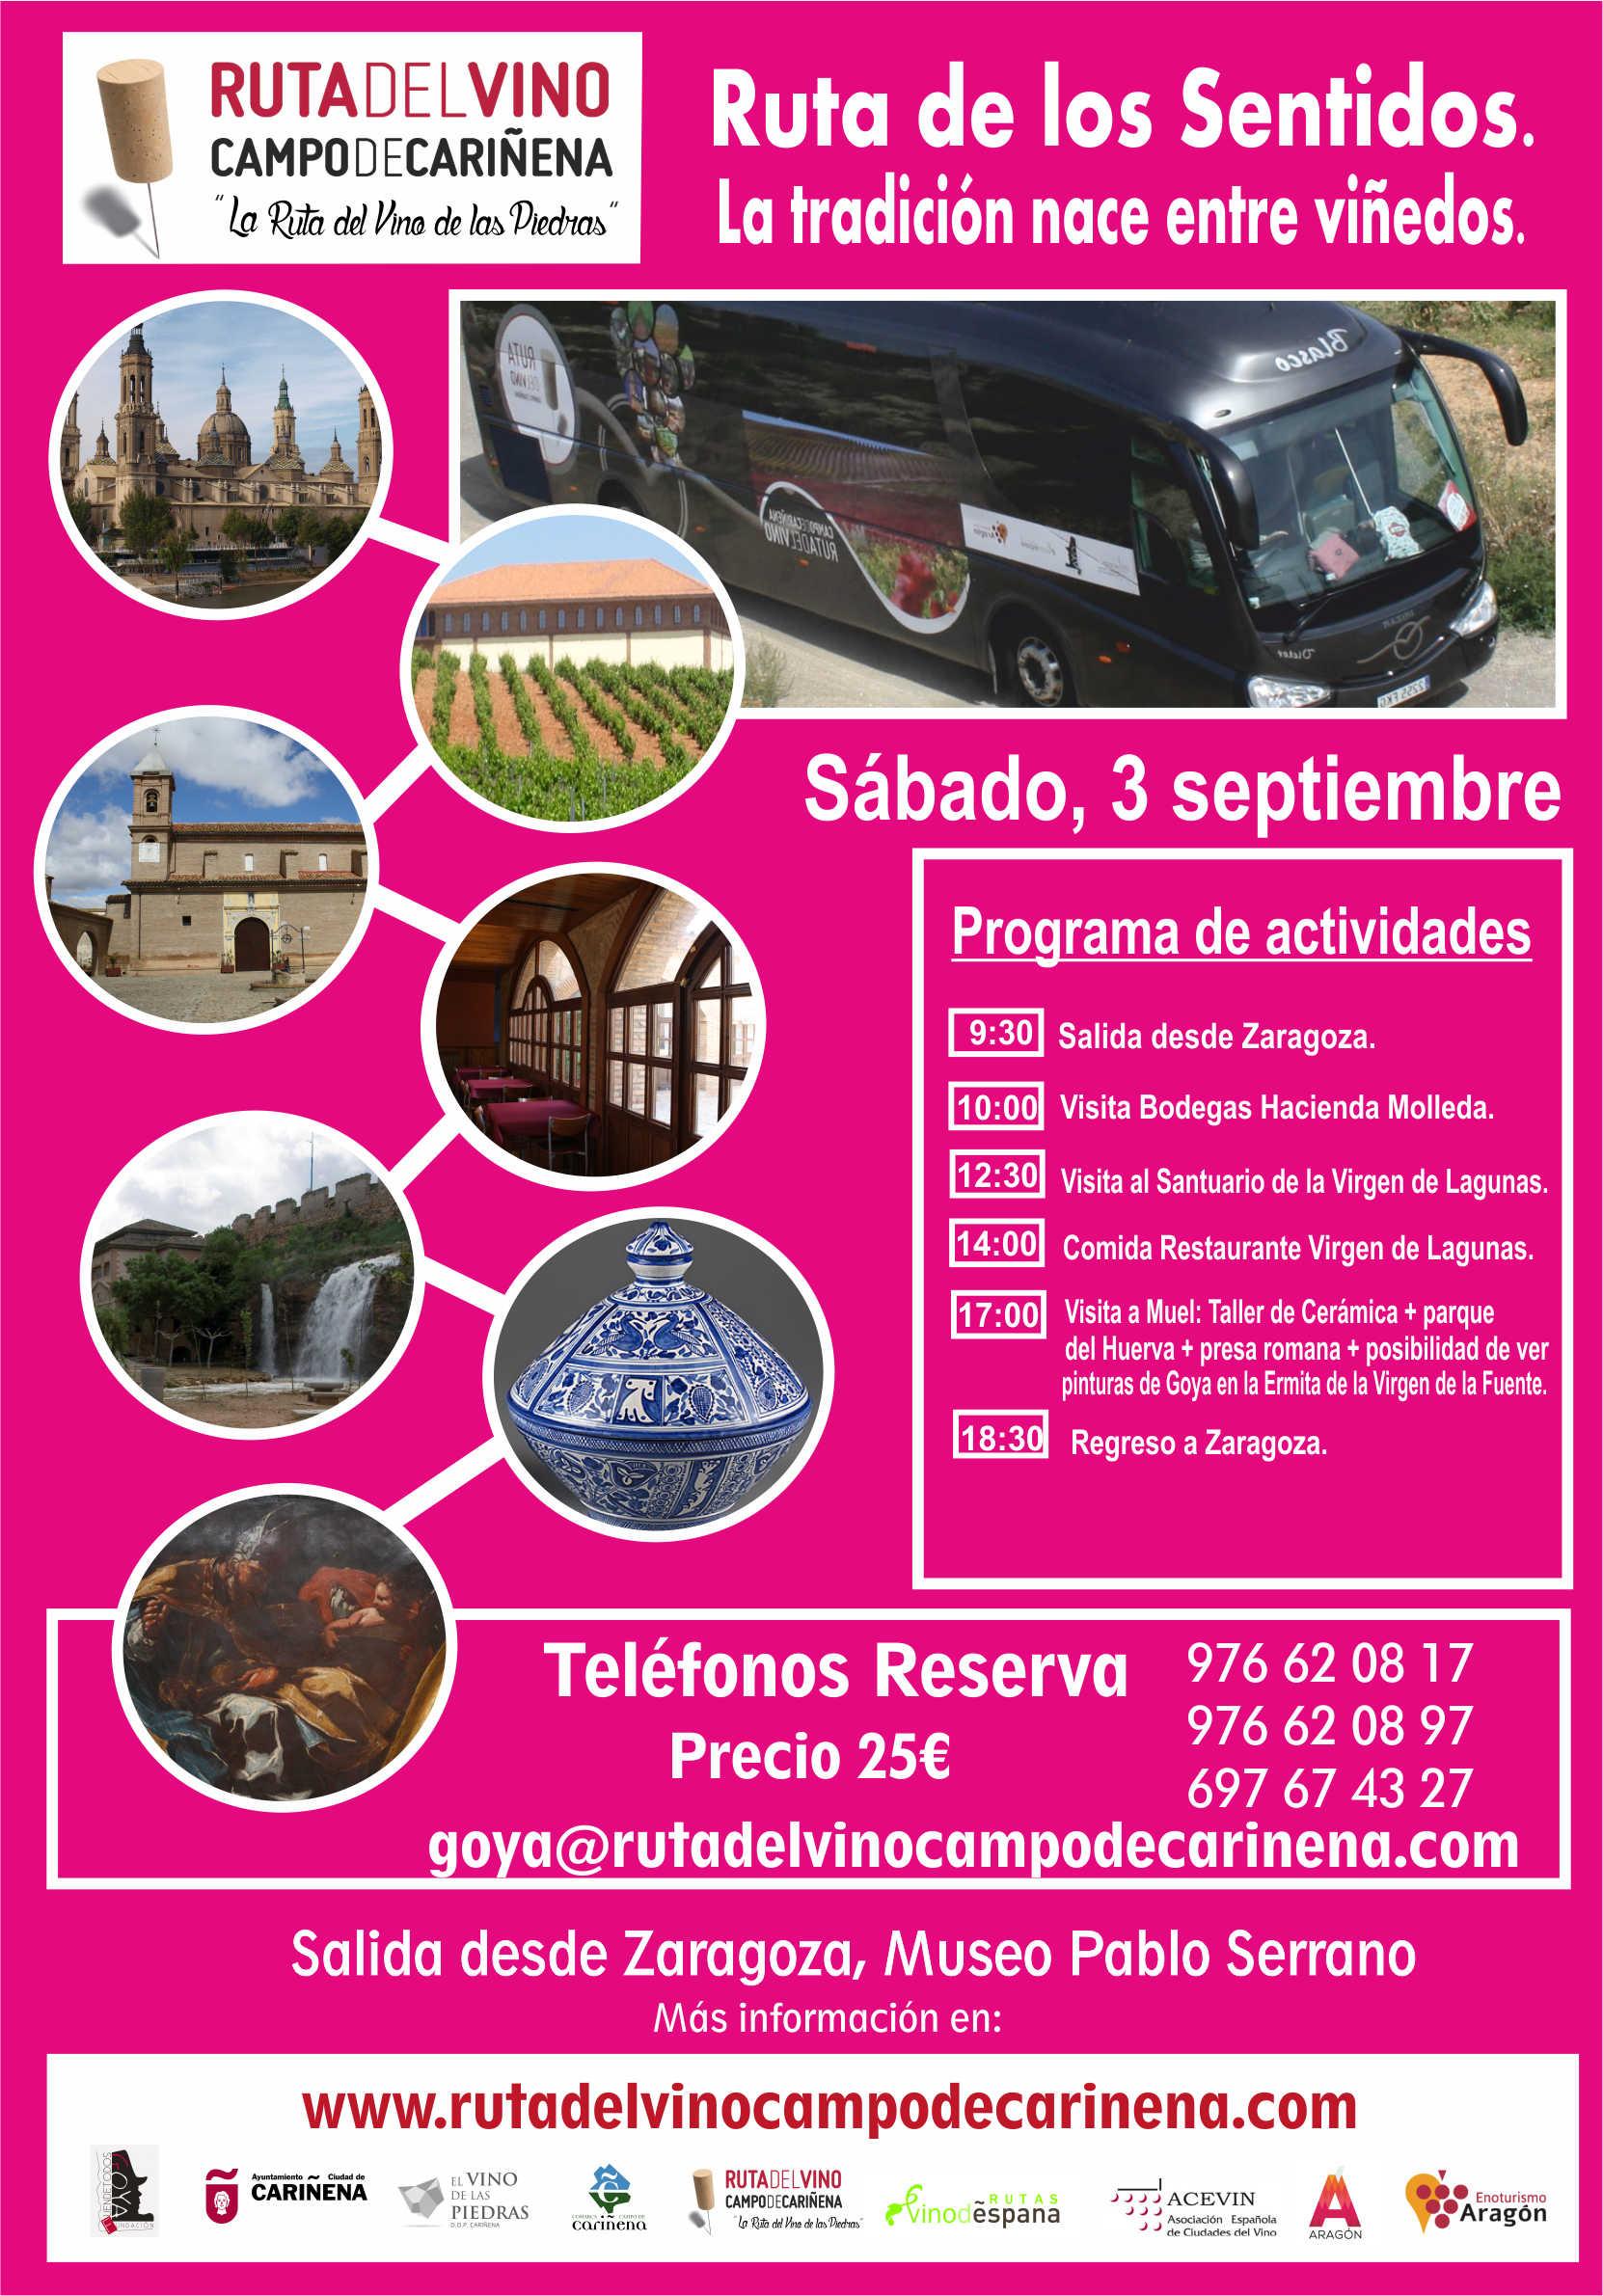 El Bus del Vino de la Ruta del Campo de Cariñena, la Ruta del Vino de las Piedras, hará su próxima salida el 3 de septiembre.